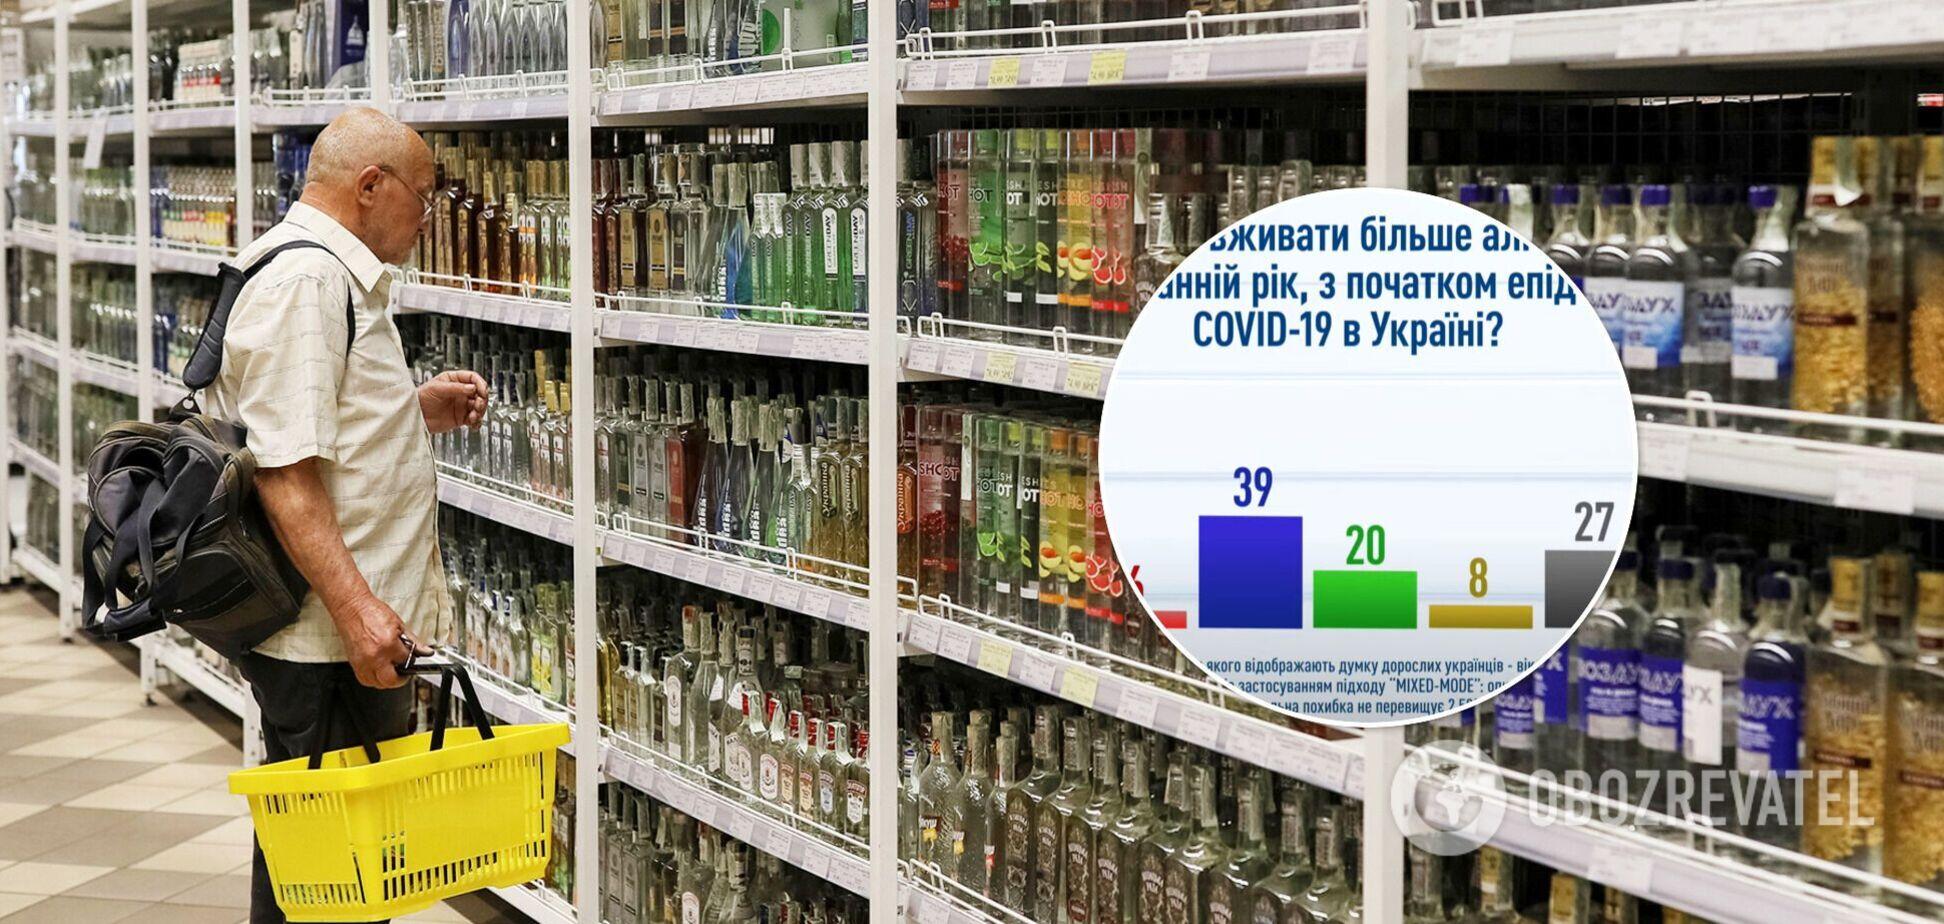 Стало известно, как повлияла пандемия на употребление алкоголя в Украине